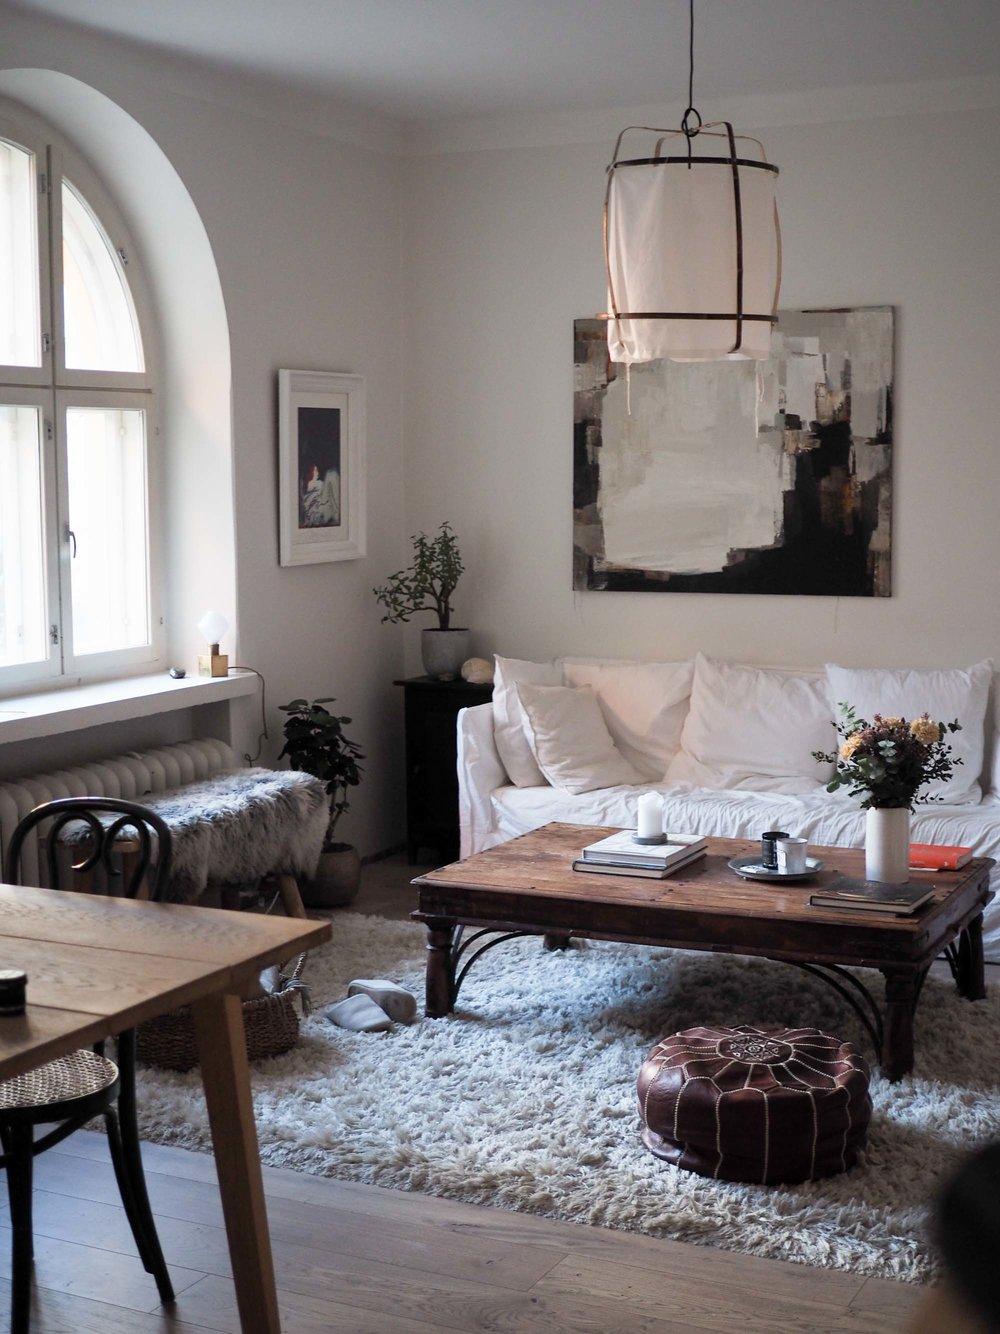 Lempiasioitani olohuoneessa: Marianne Niemisen maalaus ja Gervasonin Ghost -sohva. Ay Illuminaten valaisimen ja Normann Copenhagenin ruokapöydän olen ostanut ystäviltä. Kaappi, tuolit, sohvapöytä ja koriste-esineet kirppiksiltä. Penkki on Granitista ja vuosia vanha matto aikoinaan Stockmannilta.